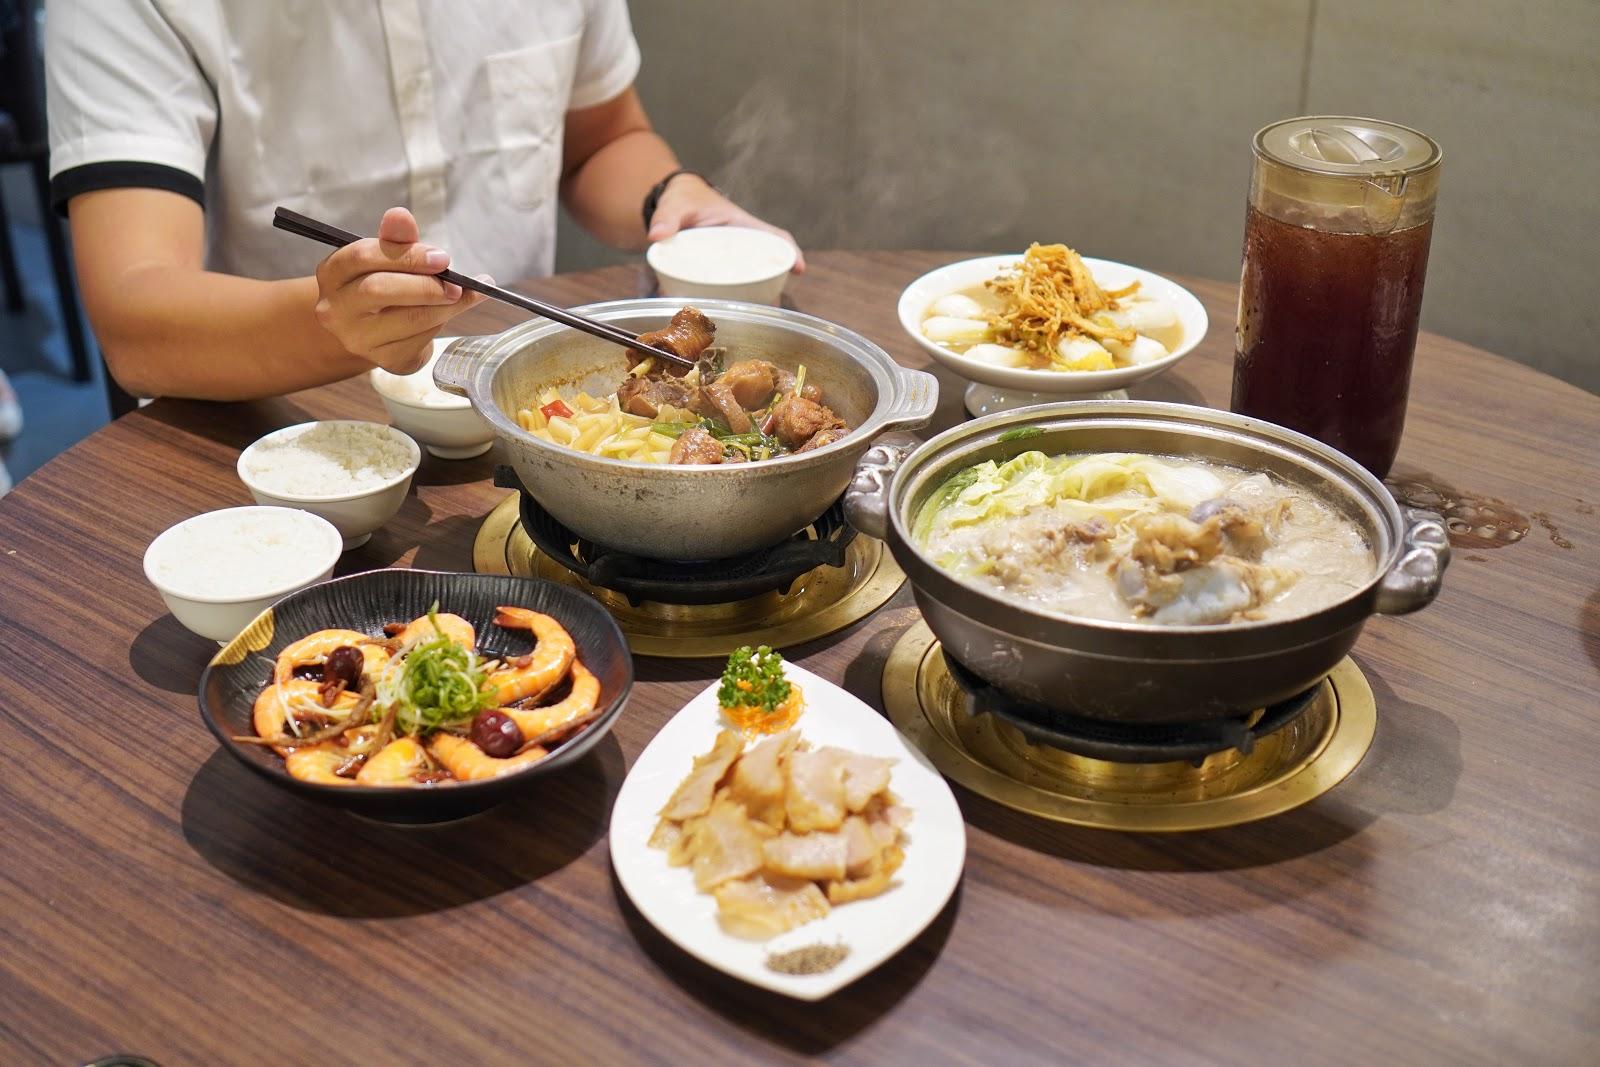 台南東區美食【廚房有雞花雕雞】餐點介紹